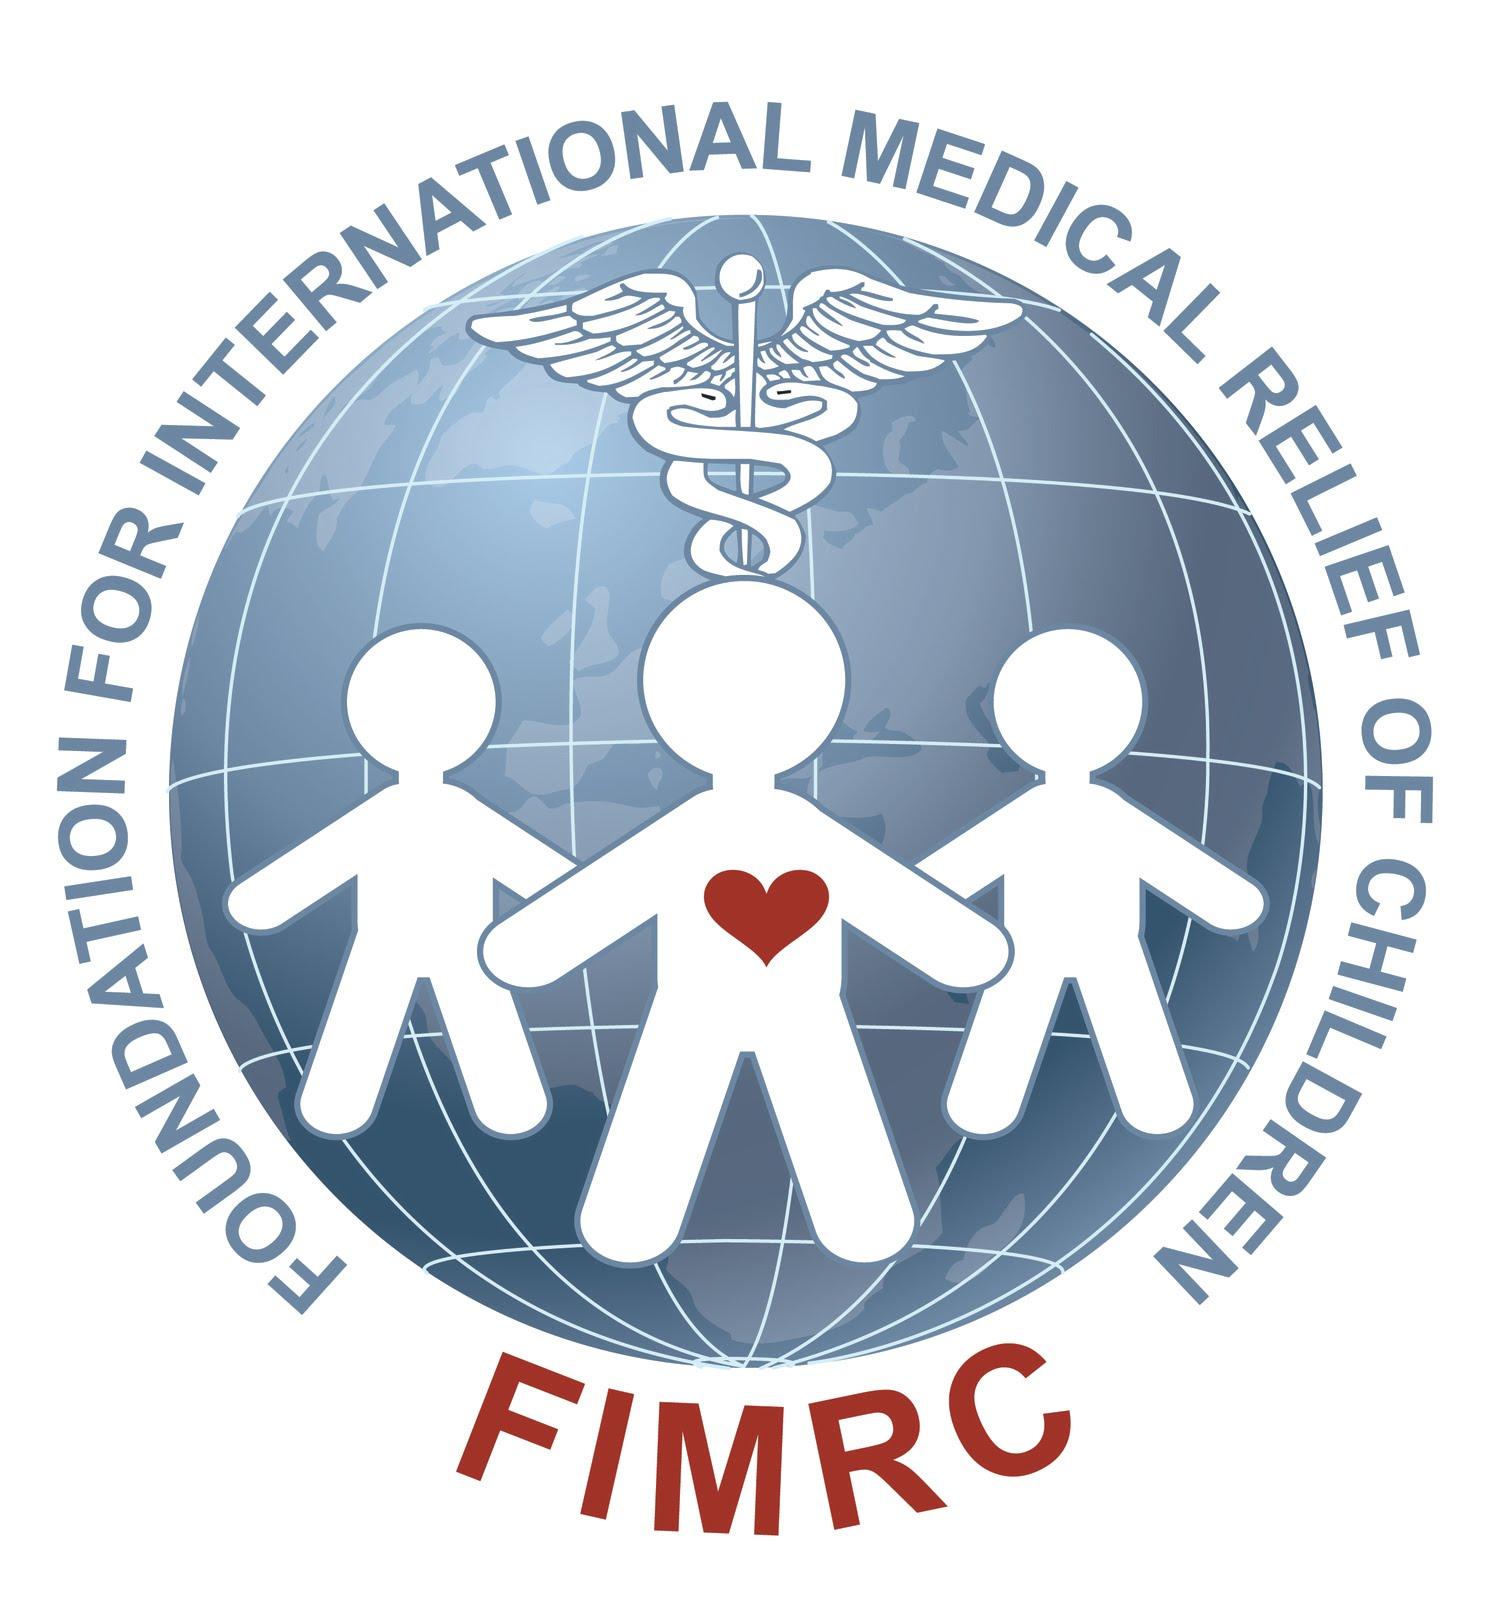 FIMRC-LOGO.jpg